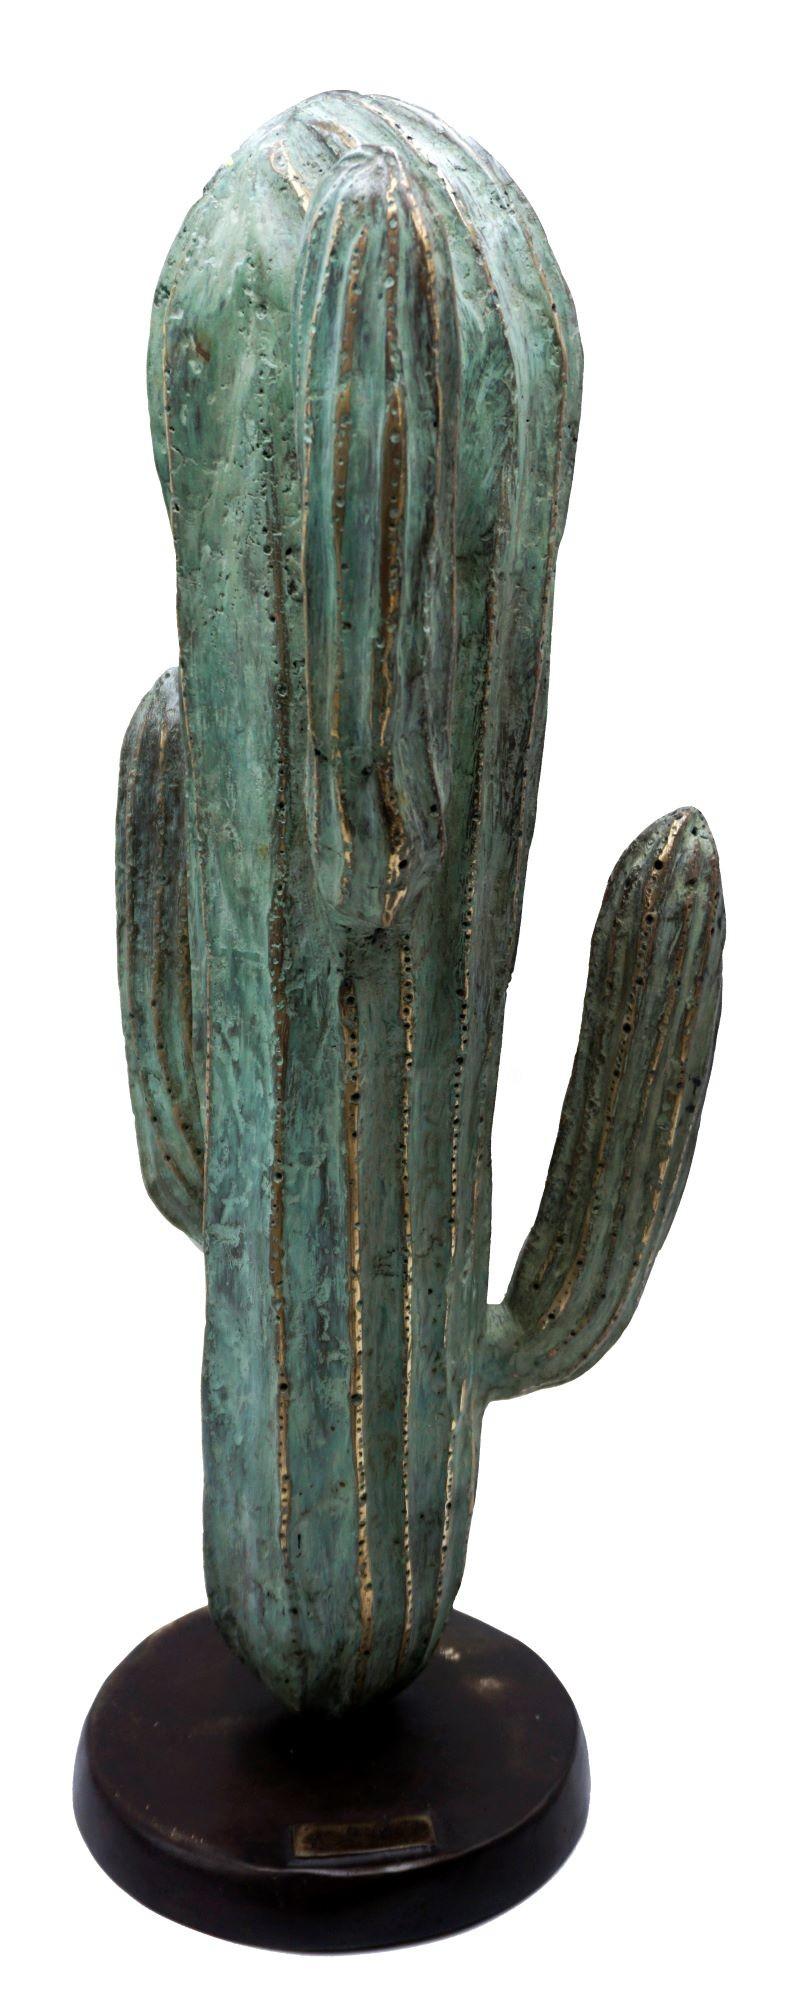 Zako - Cactus